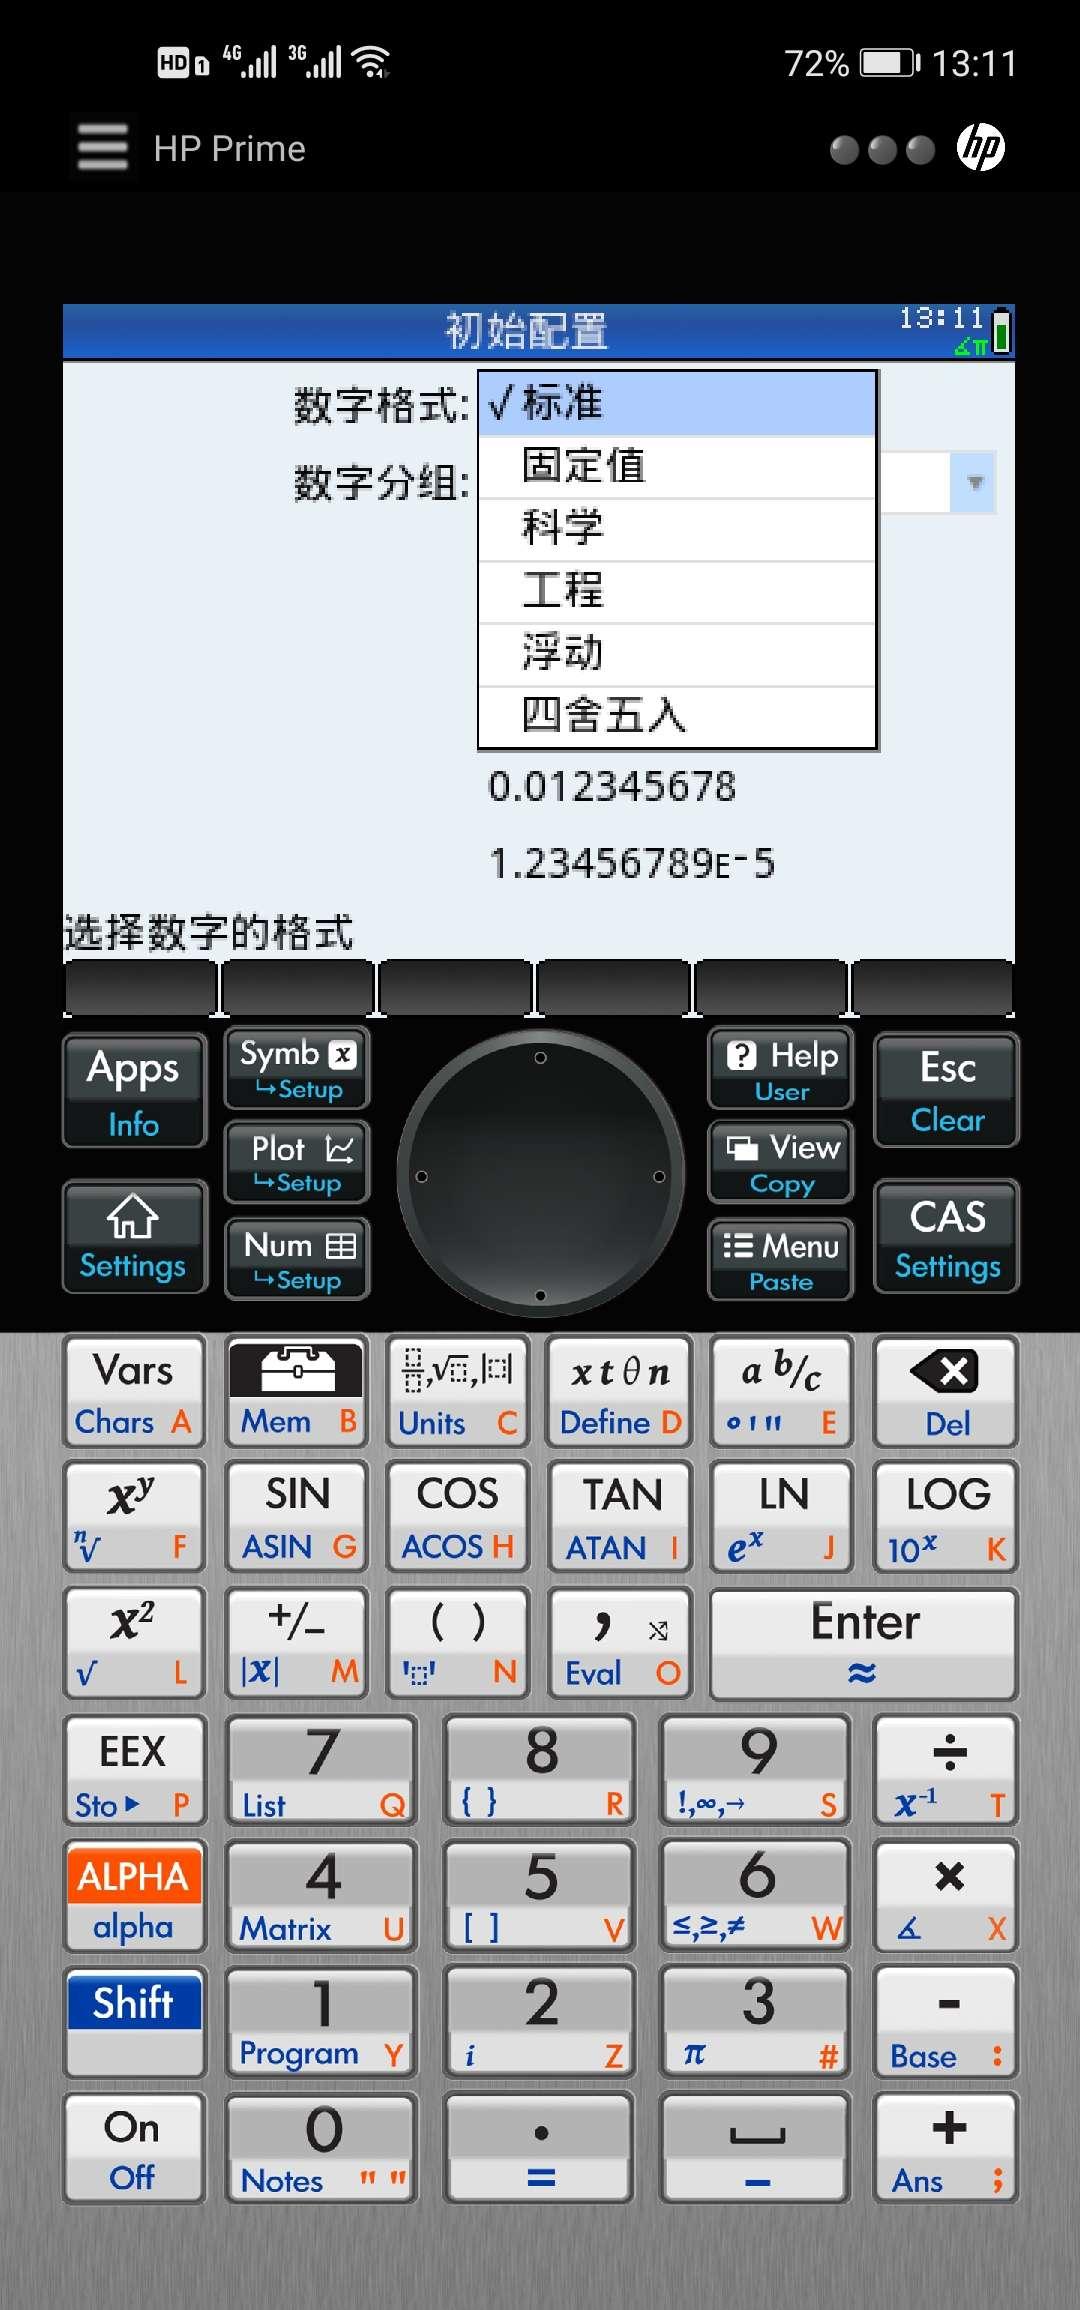 【分享】HP Prime Pro已付费版v2.1